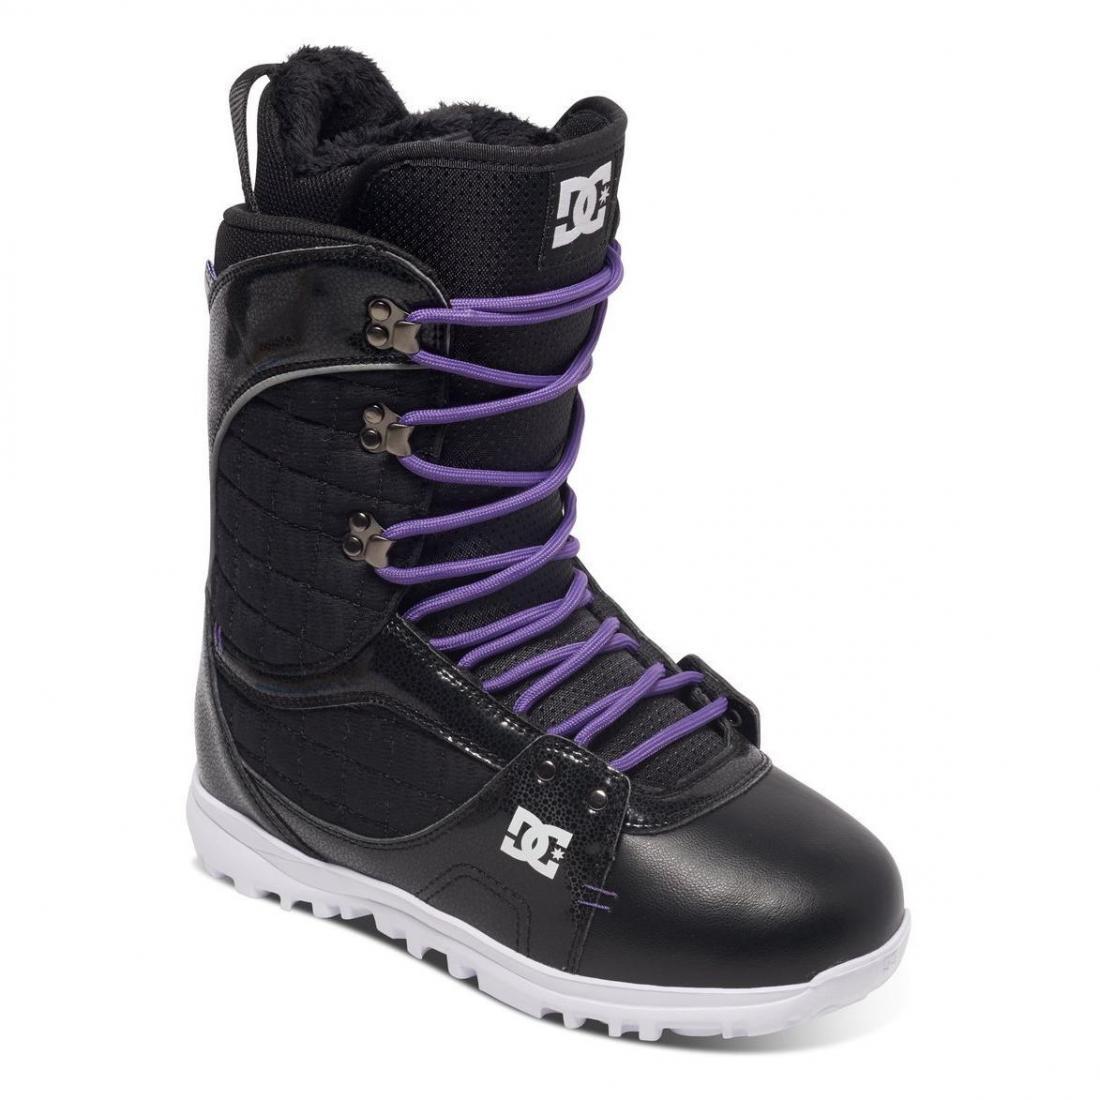 БОТИНКИ KARMA J LSBT BL0 СНОУБОРДИЧЕСКИЕ жен. Dc Shoes